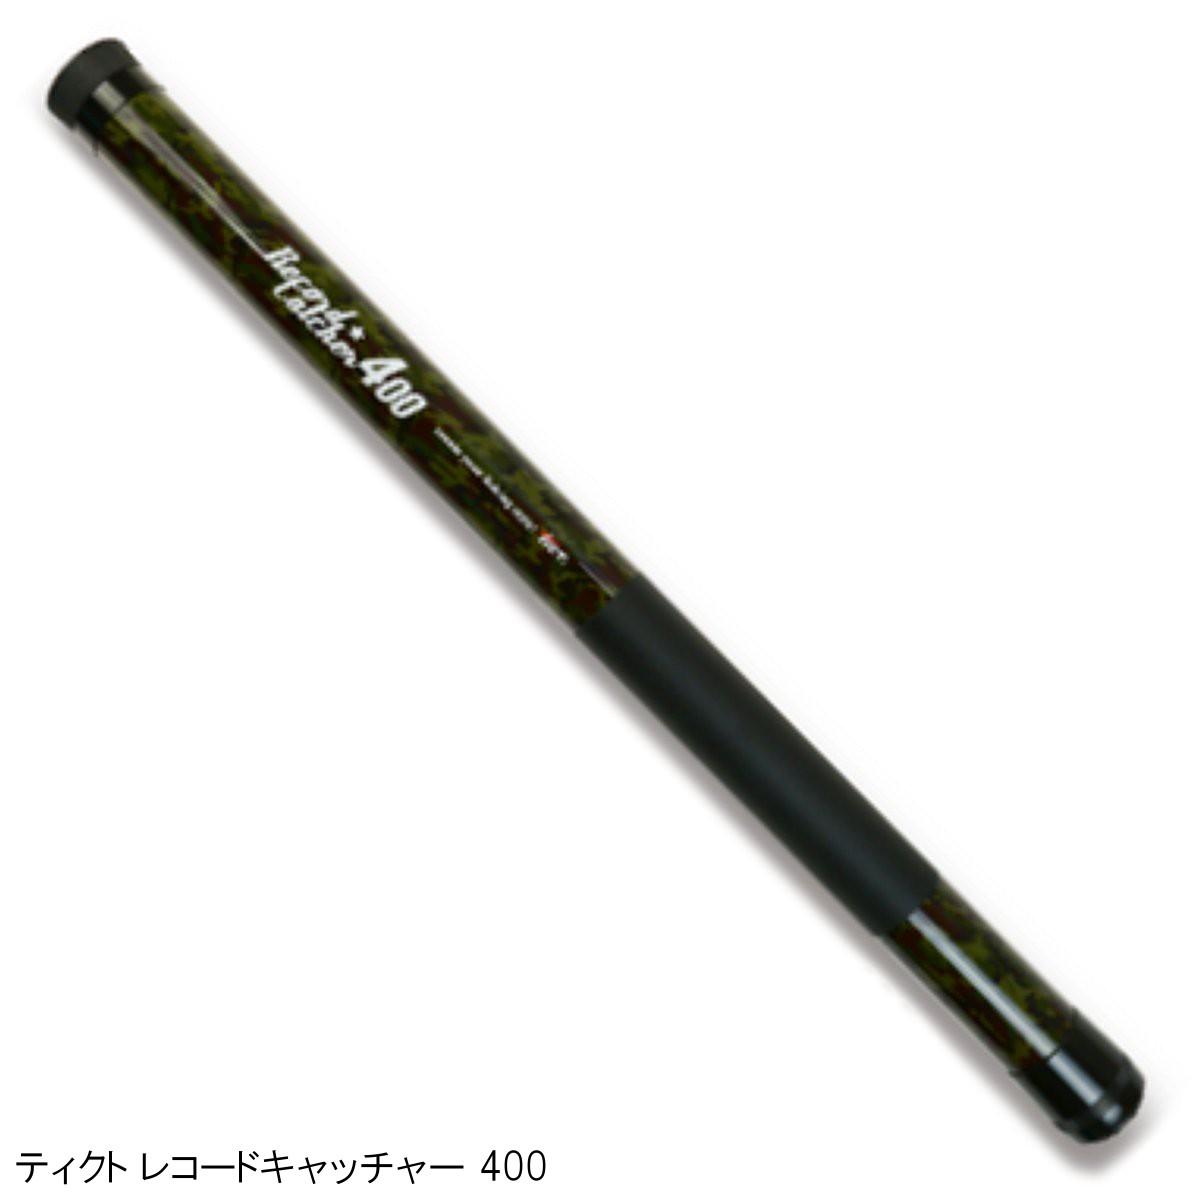 ティクト レコードキャッチャー 400 グリーンカモ【送料無料】